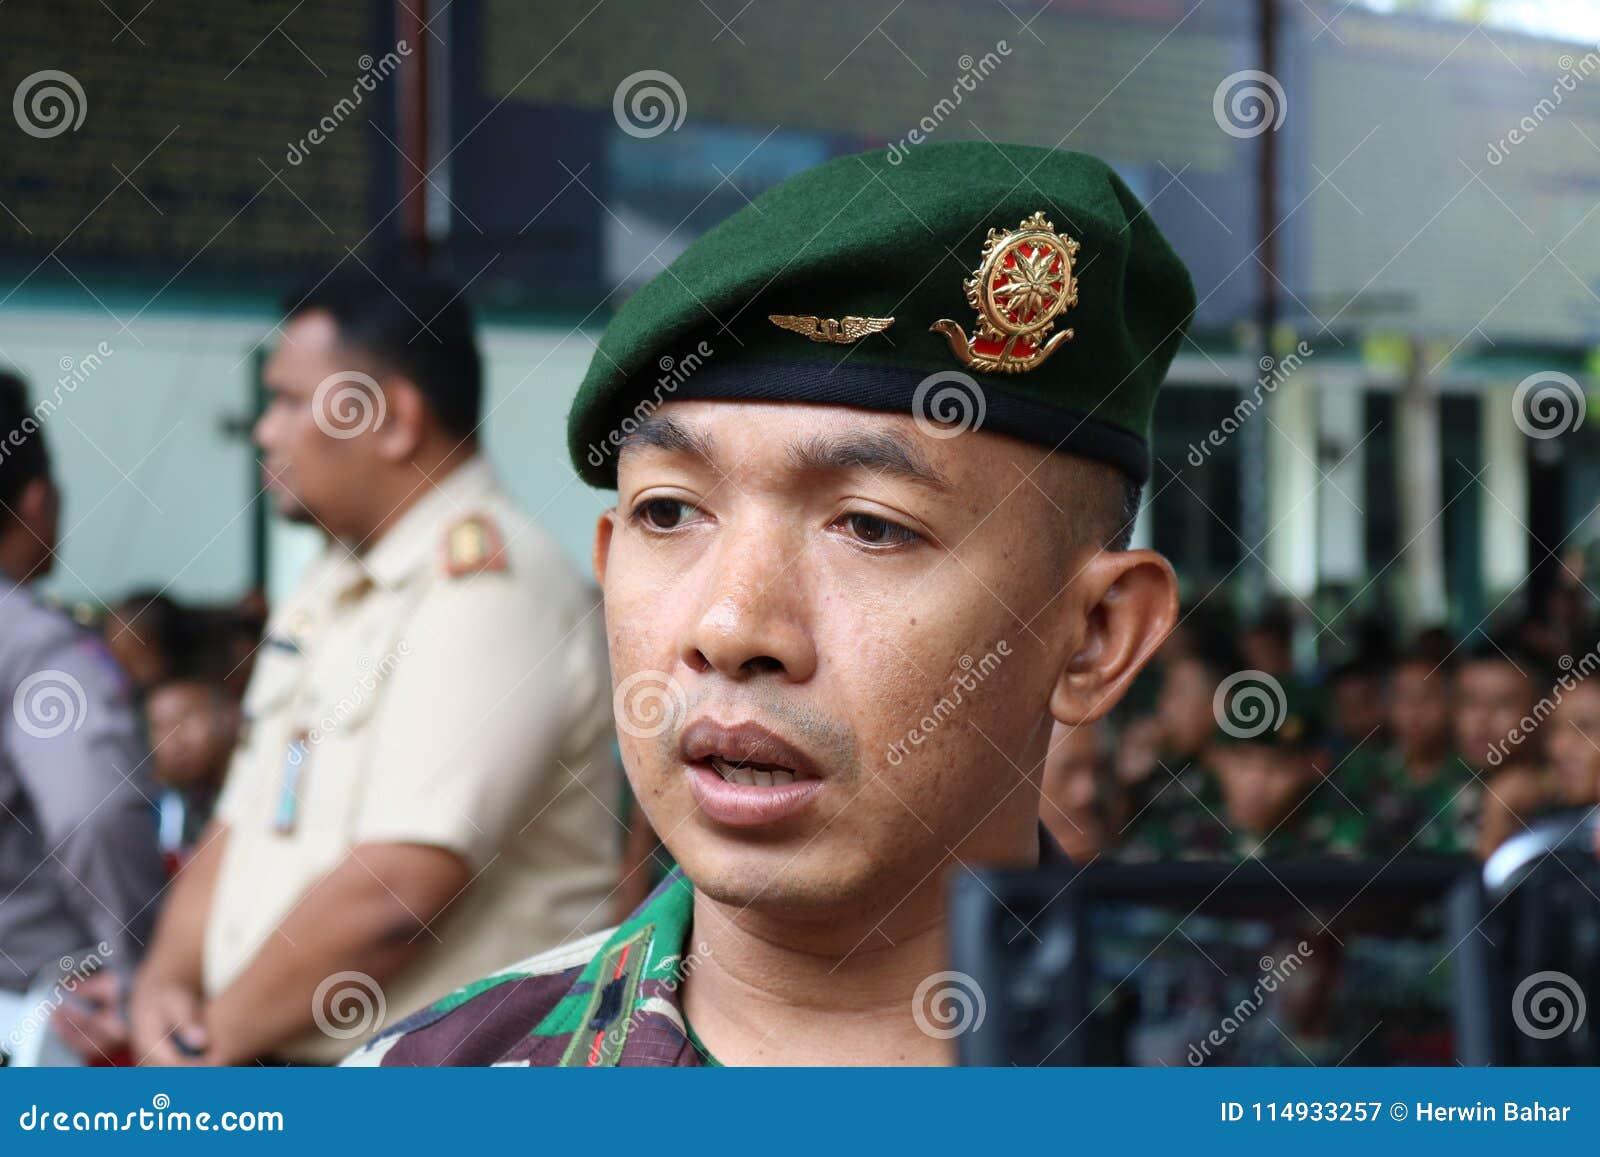 Ejército de boinas verdes